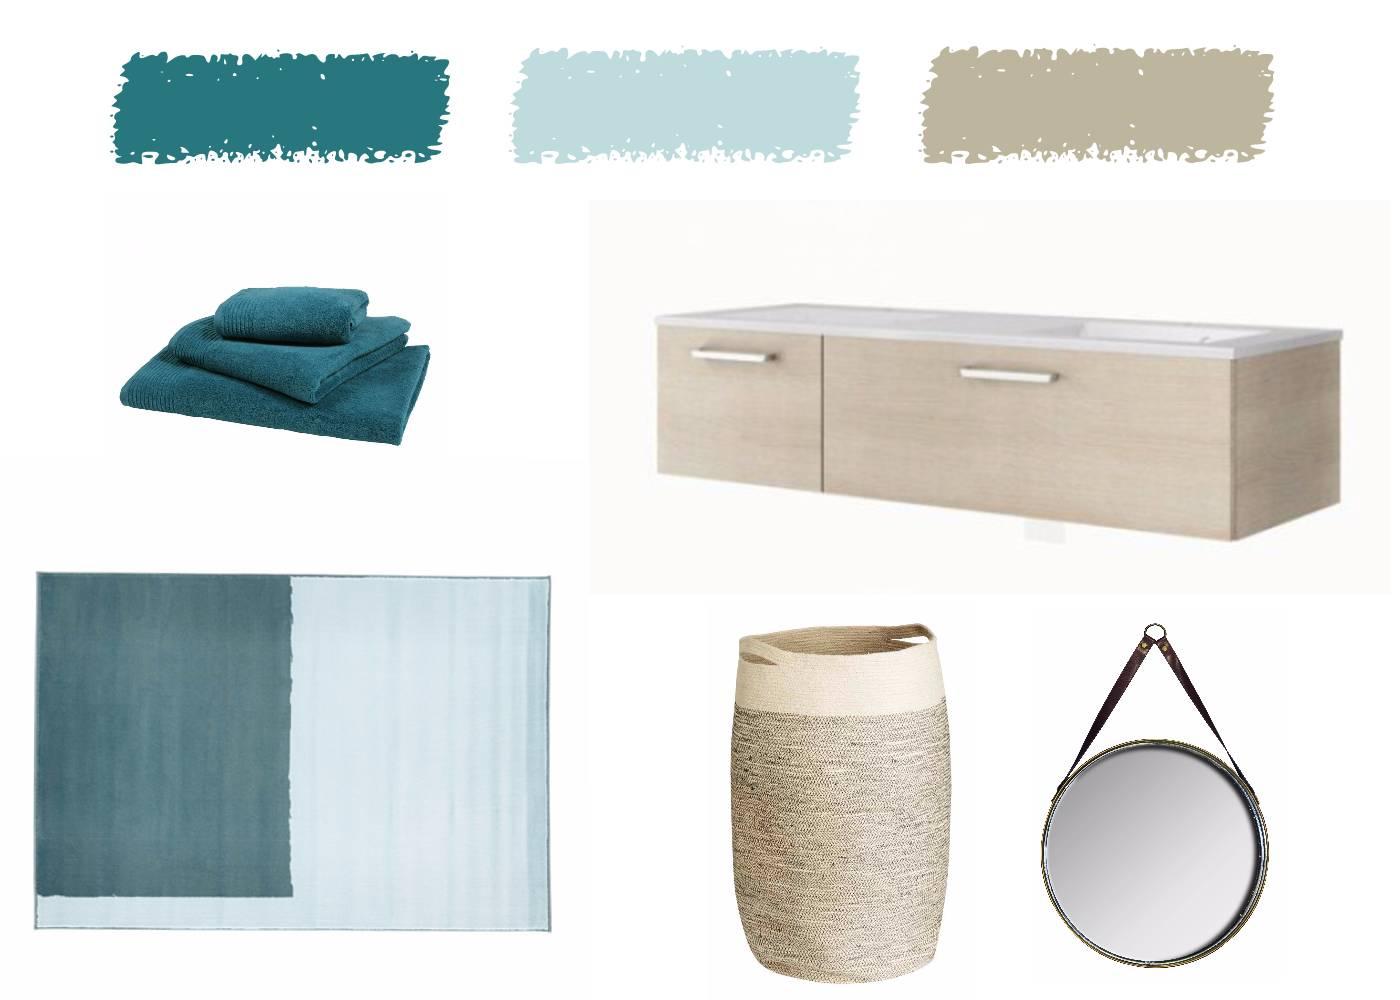 planche salle de bain toutes les planches setmystyle partagez vos planches tendances. Black Bedroom Furniture Sets. Home Design Ideas